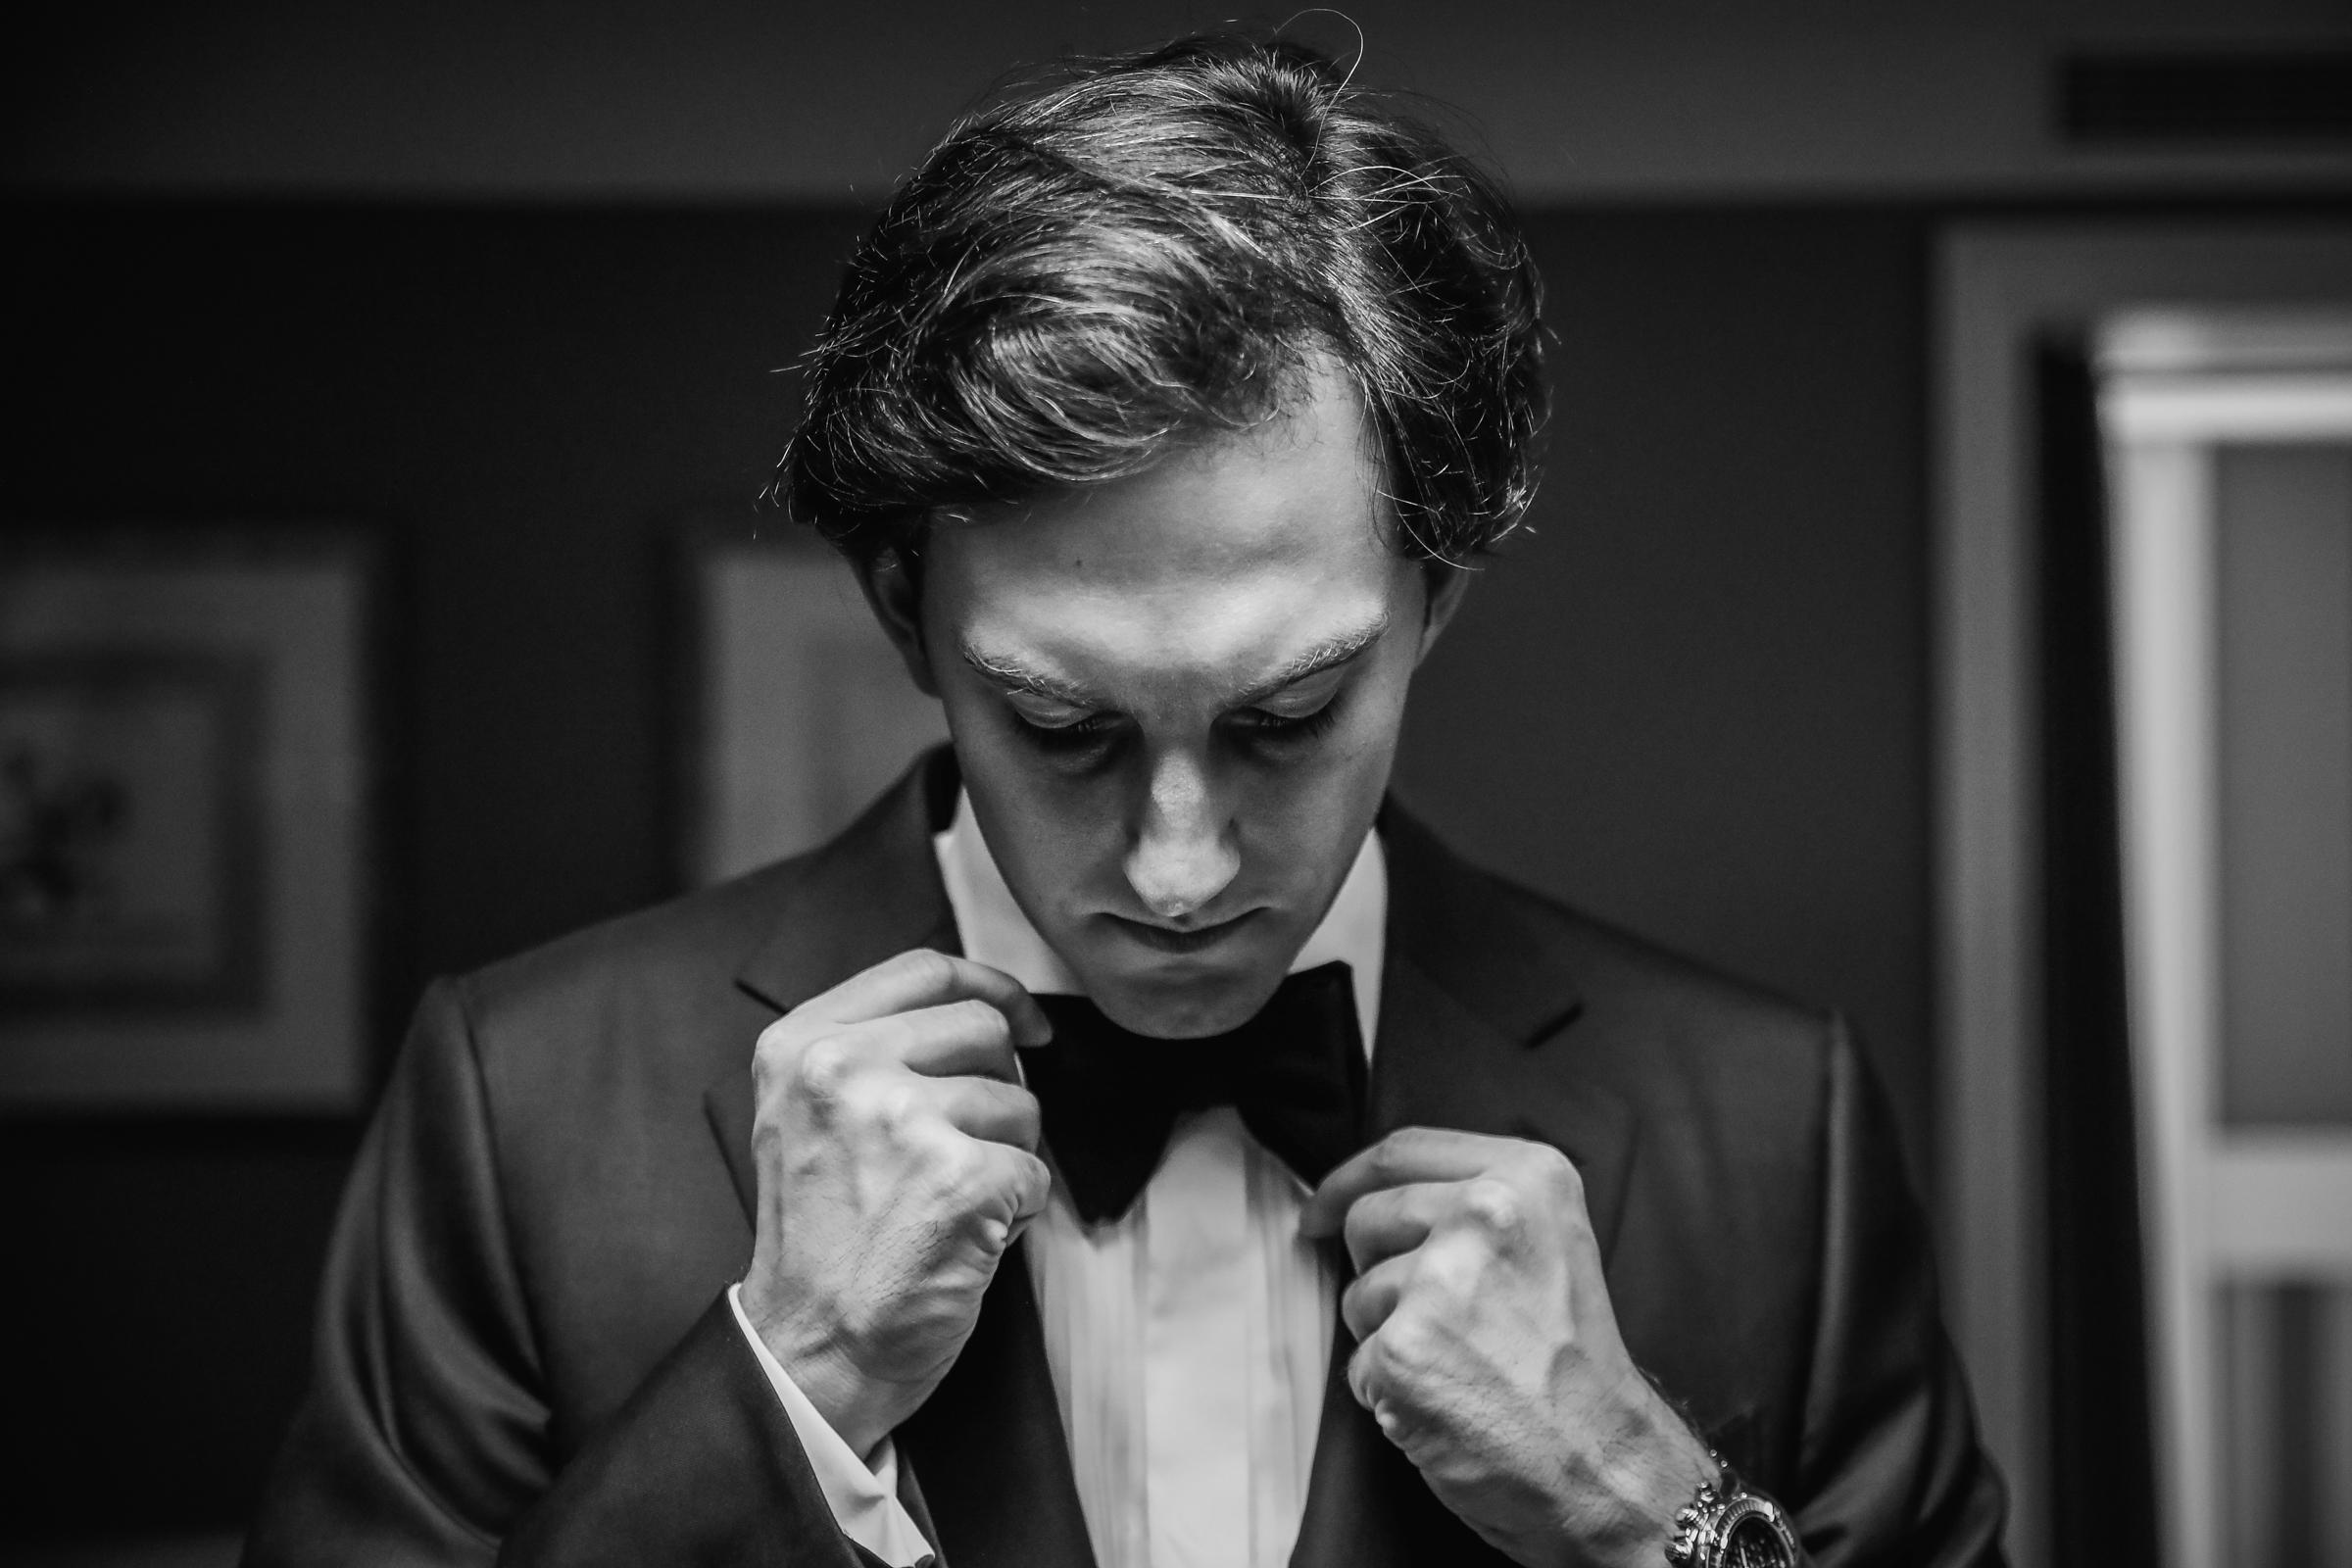 Groom adjusting bowtie - photo by Julien Laurent-Georges